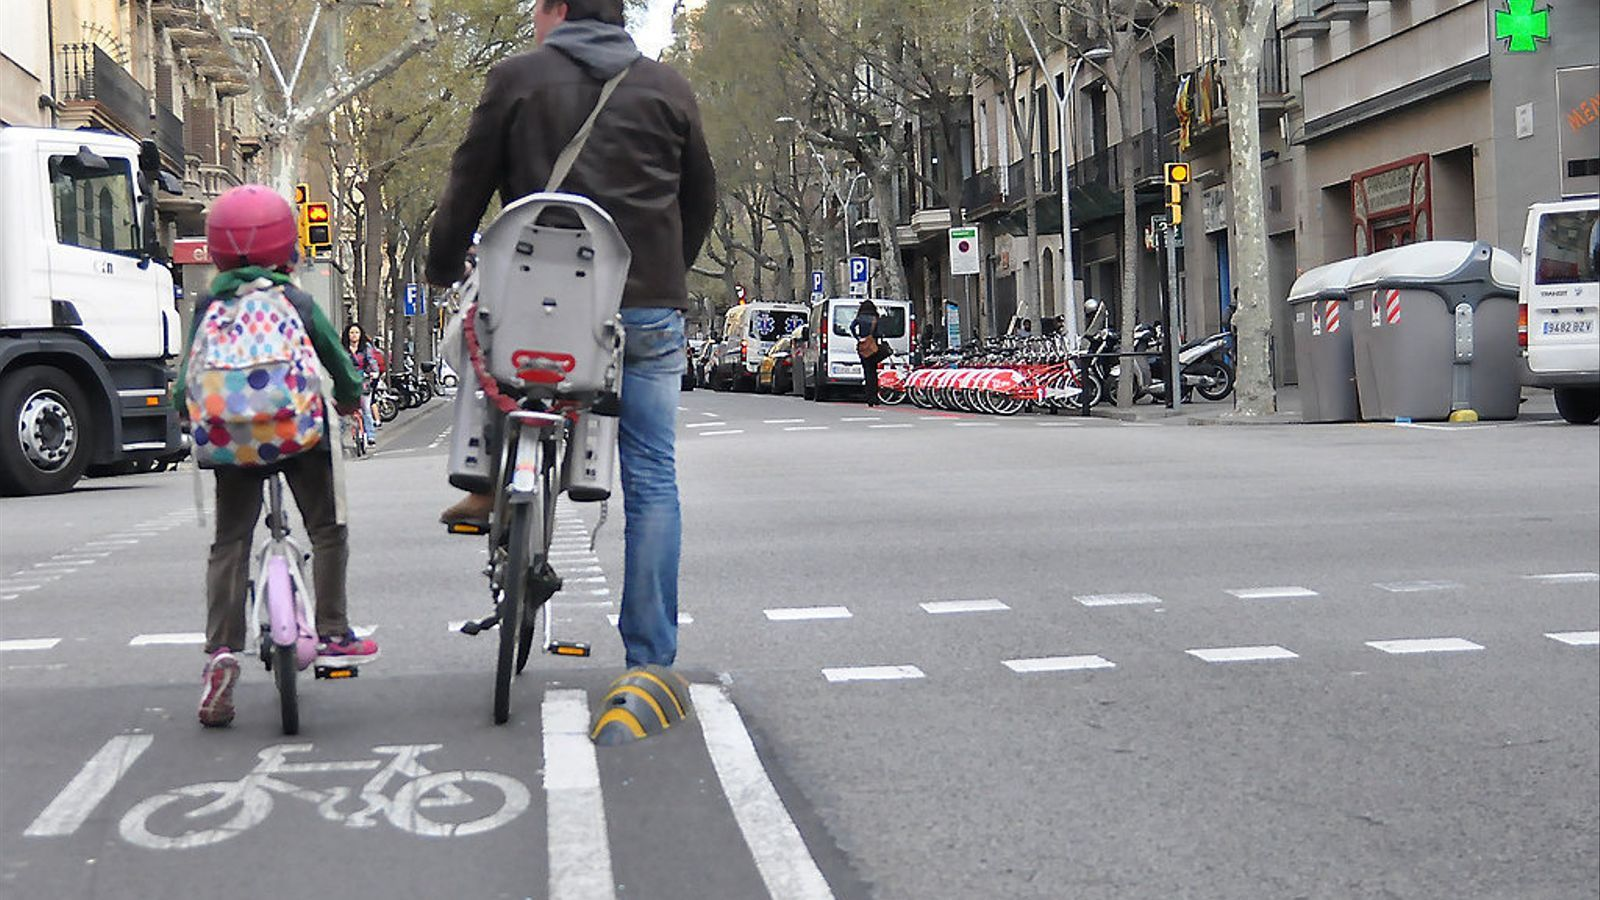 """La xarxa de carrils bici de Barcelona creix  i esdevé més segura  Jordi Galí és arquitecte, cofundador de Vanapedal, empresa dedicada a les bicicletes  de càrrega. És especialista en arquitectura i urbanisme ciclista i mobilitat en bicicleta,  i impulsor de diferents iniciatives relacionades amb la cultura ciclista """"A Barcelona s'està donant un fort impuls a la connexió de la xarxa ciclable  i a l'amplada dels carrils bici"""""""